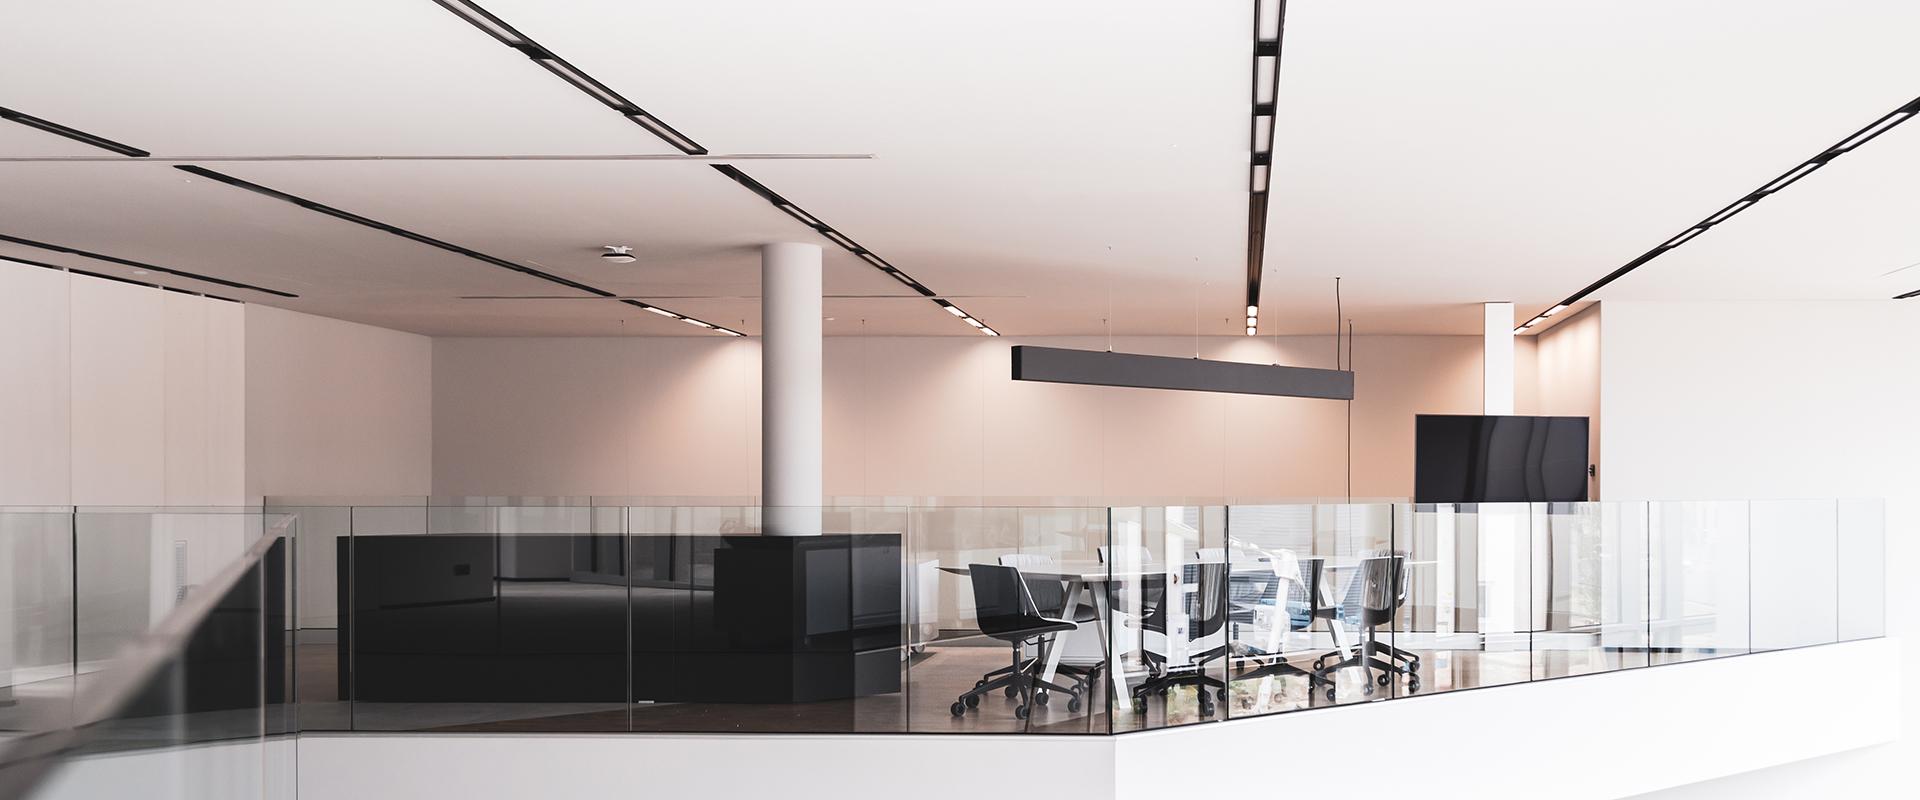 AEC Illuminazione Headquarters ITC area di ricerca e sviluppo - azienda di illuminazione pubblica